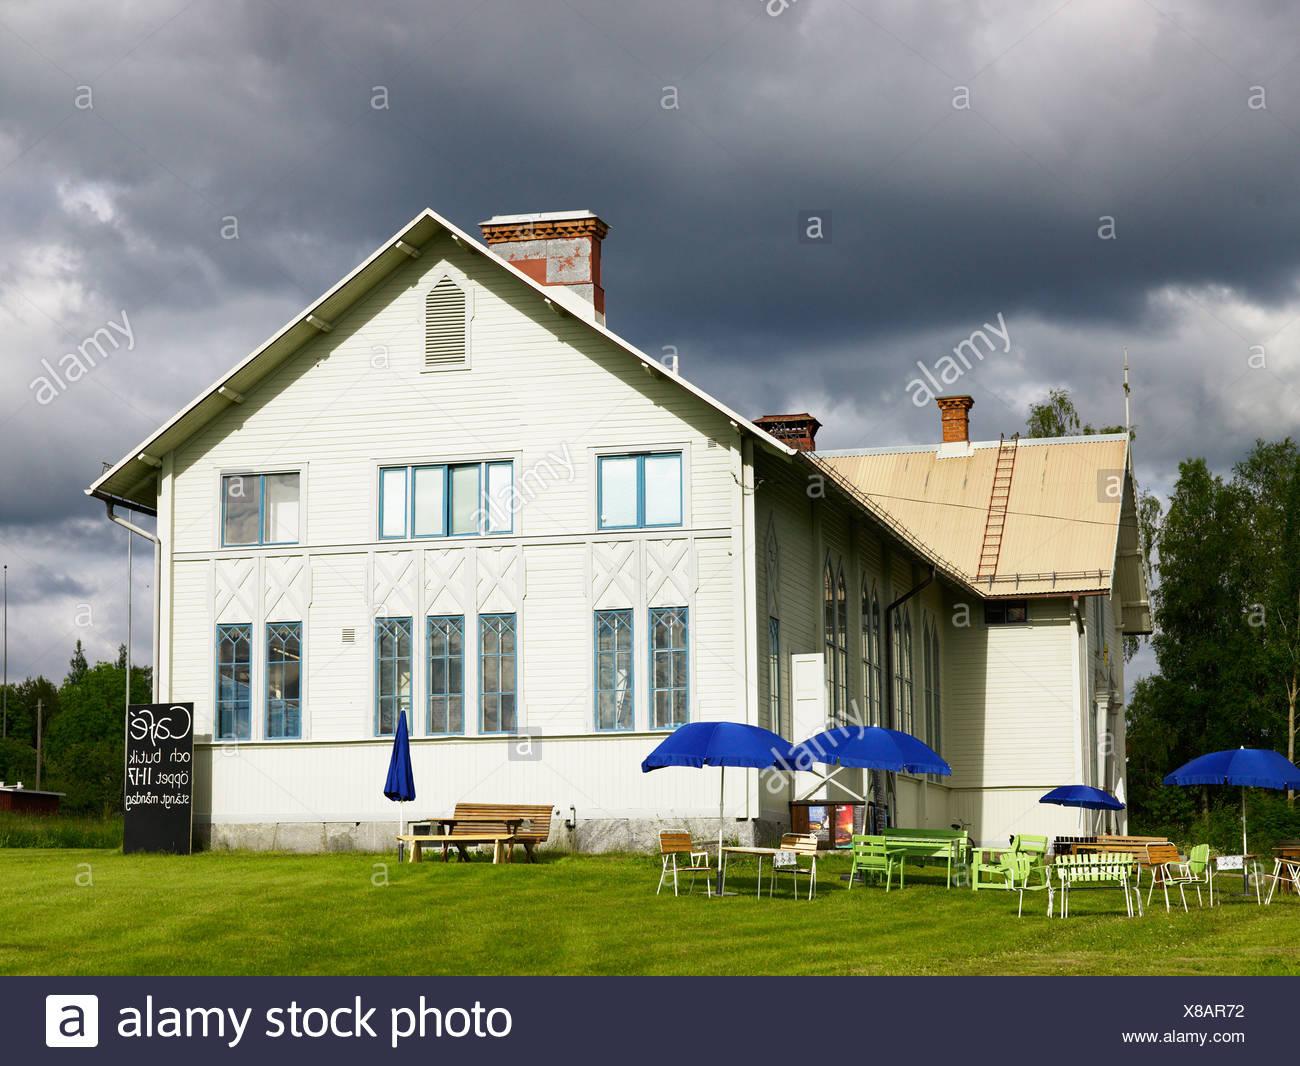 A cafe in Dalarna, Sweden. - Stock Image